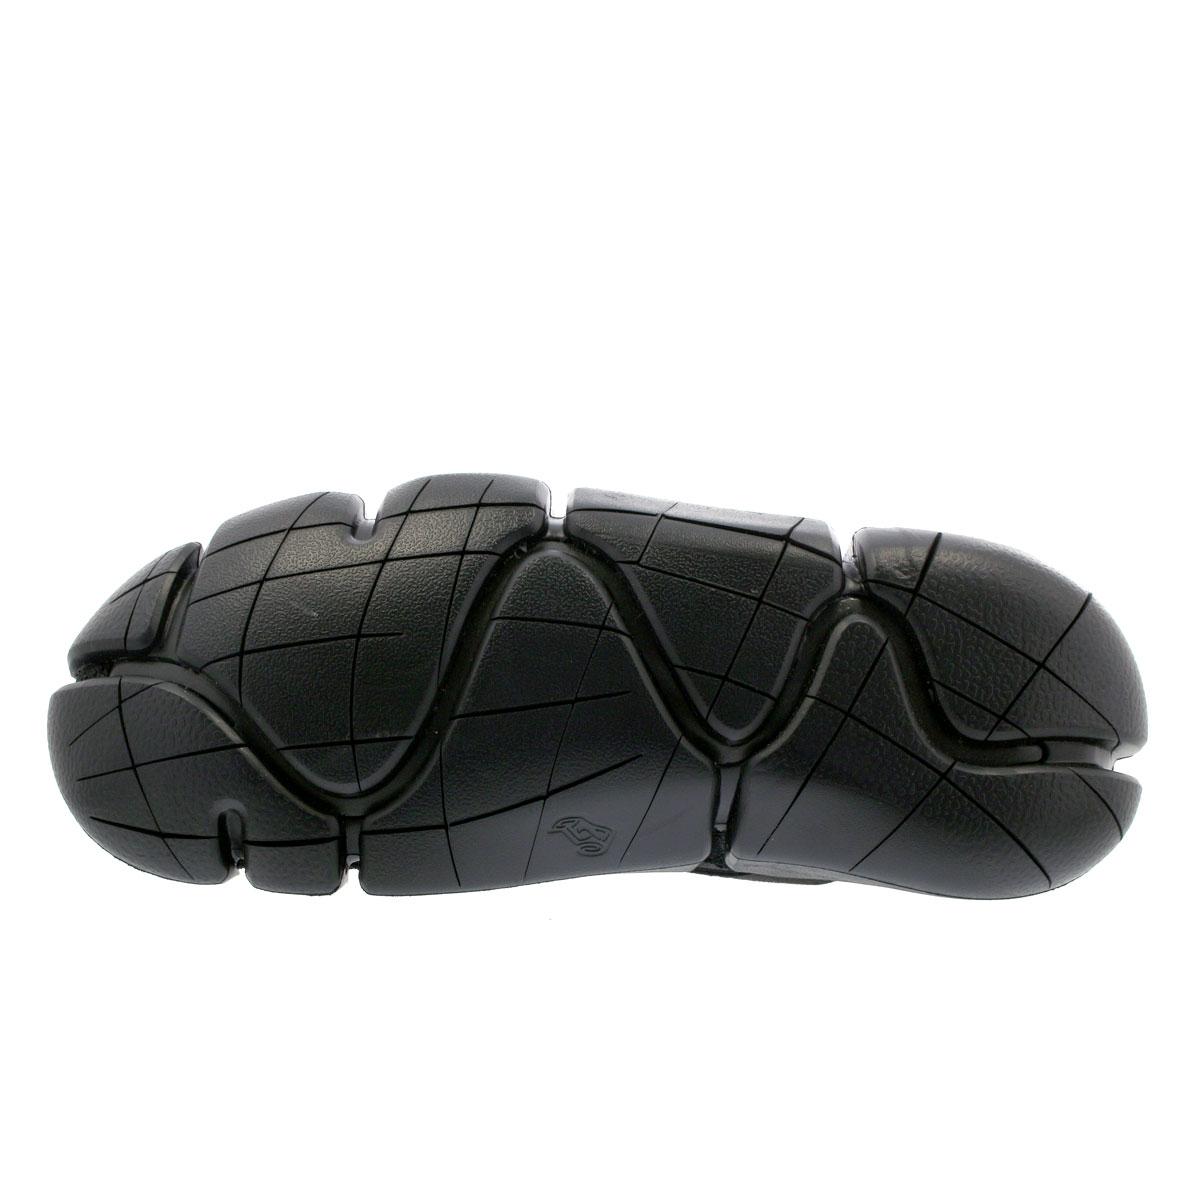 aa83b1c8fecc NIKE FOOTSCAPE FLYKNIT DM Nike feet cape fried food knit DM BLACK BLACK  ao2611-003